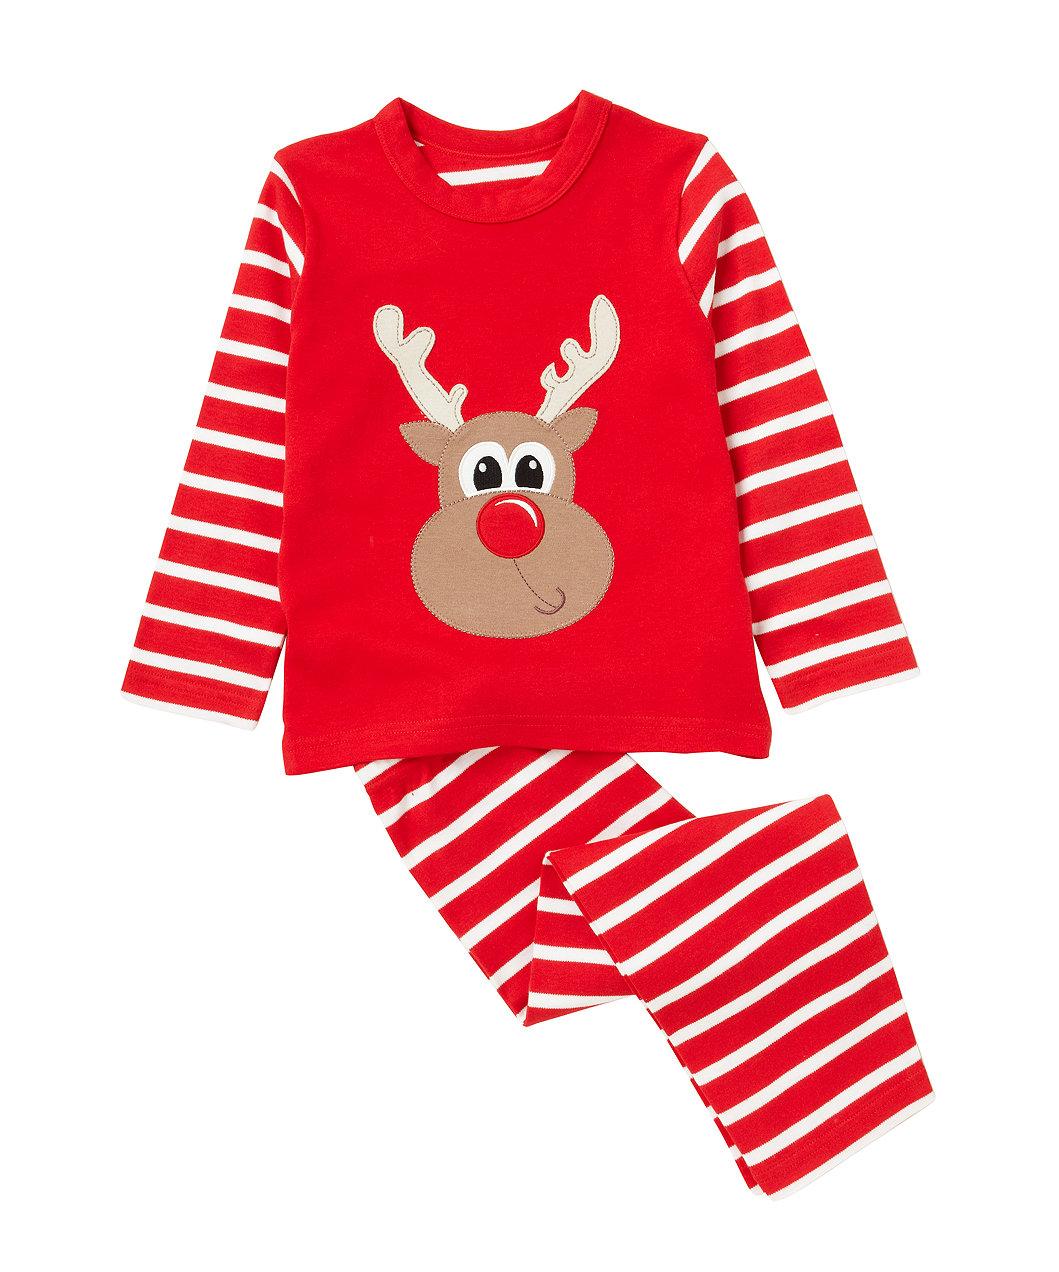 1459586a5291 Mothercare Christmas Pyjamas